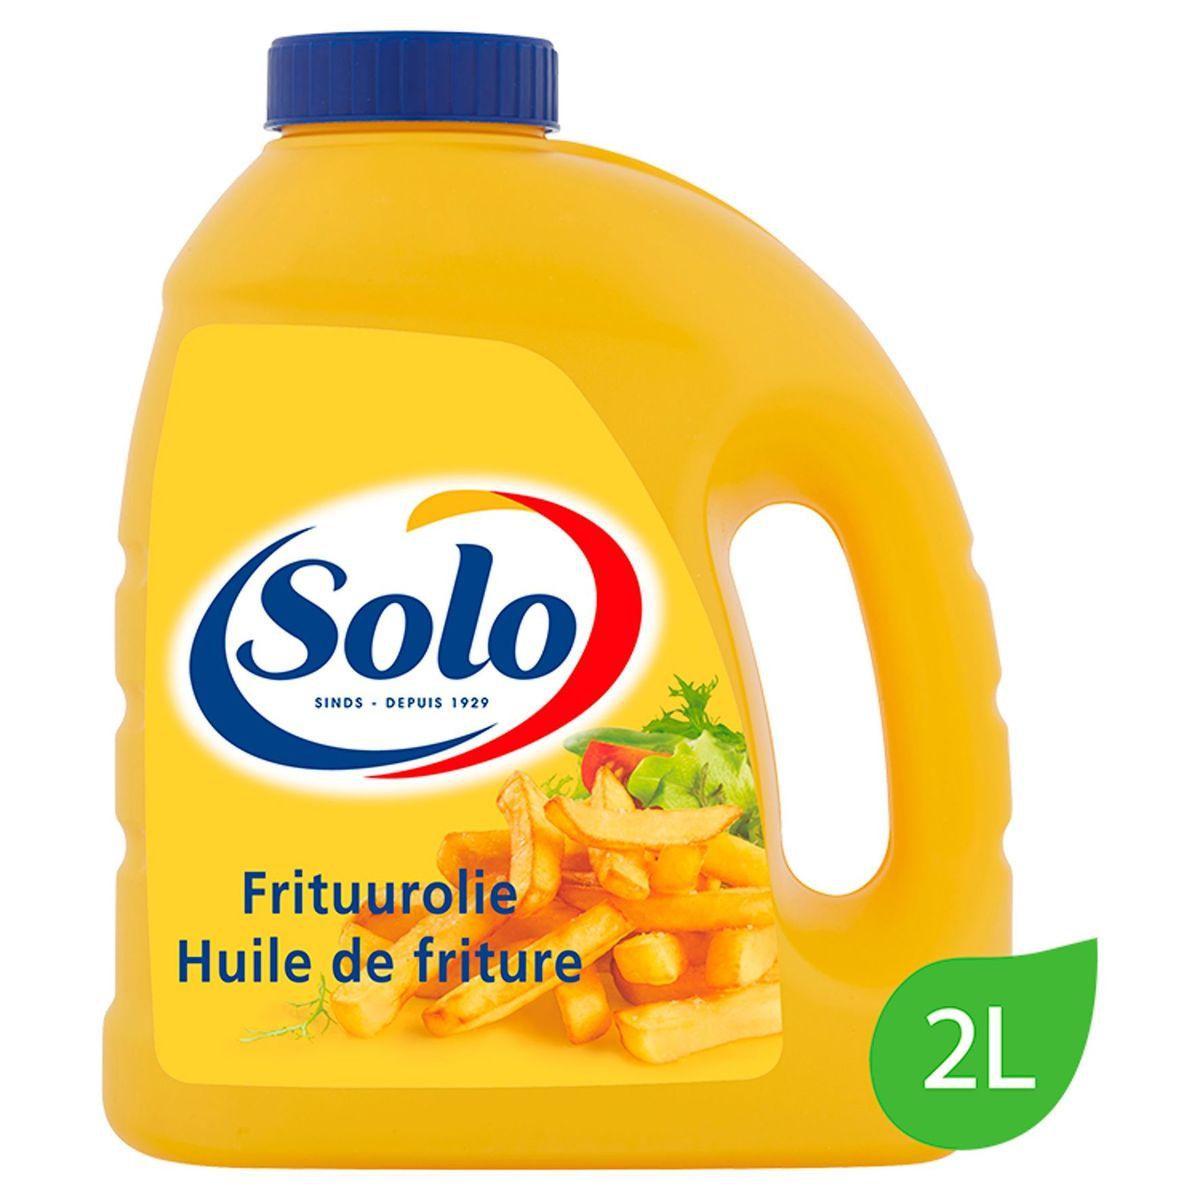 Solo | Huile de friture | 2L